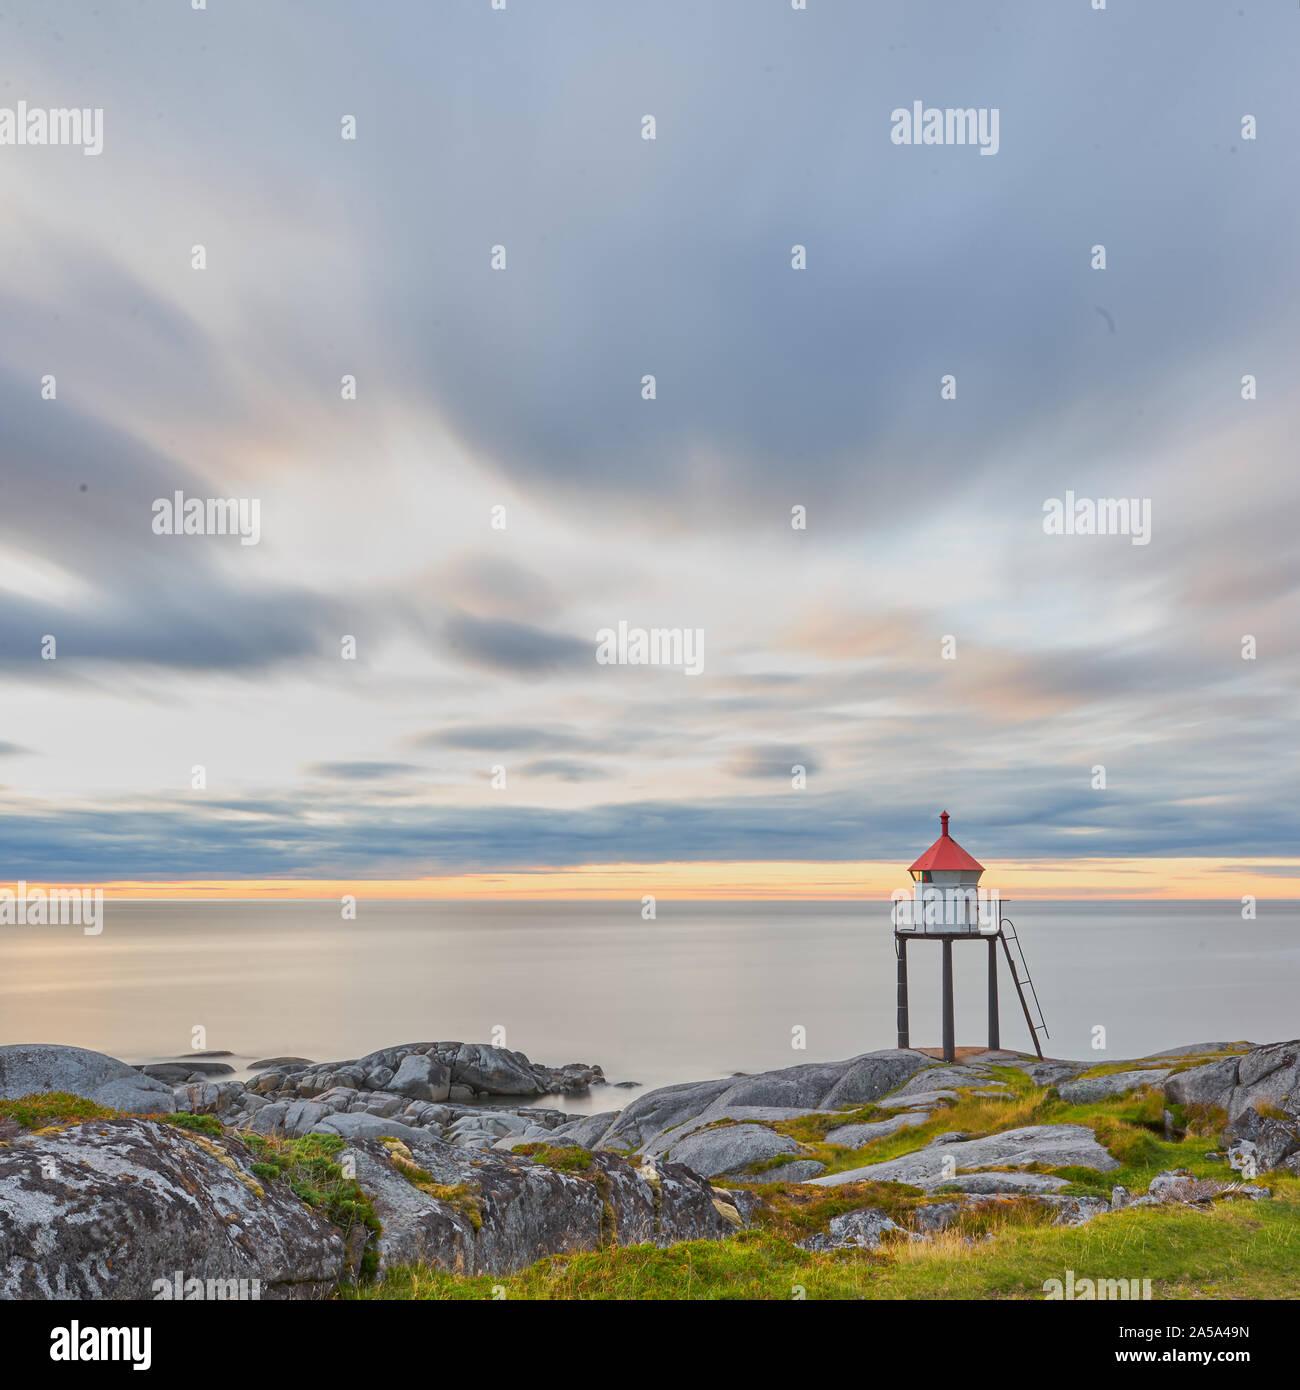 Une chaude lumière peut être vu dans le ciel. Le phare se dresse au premier plan sur la côte. Un beau moment. Banque D'Images